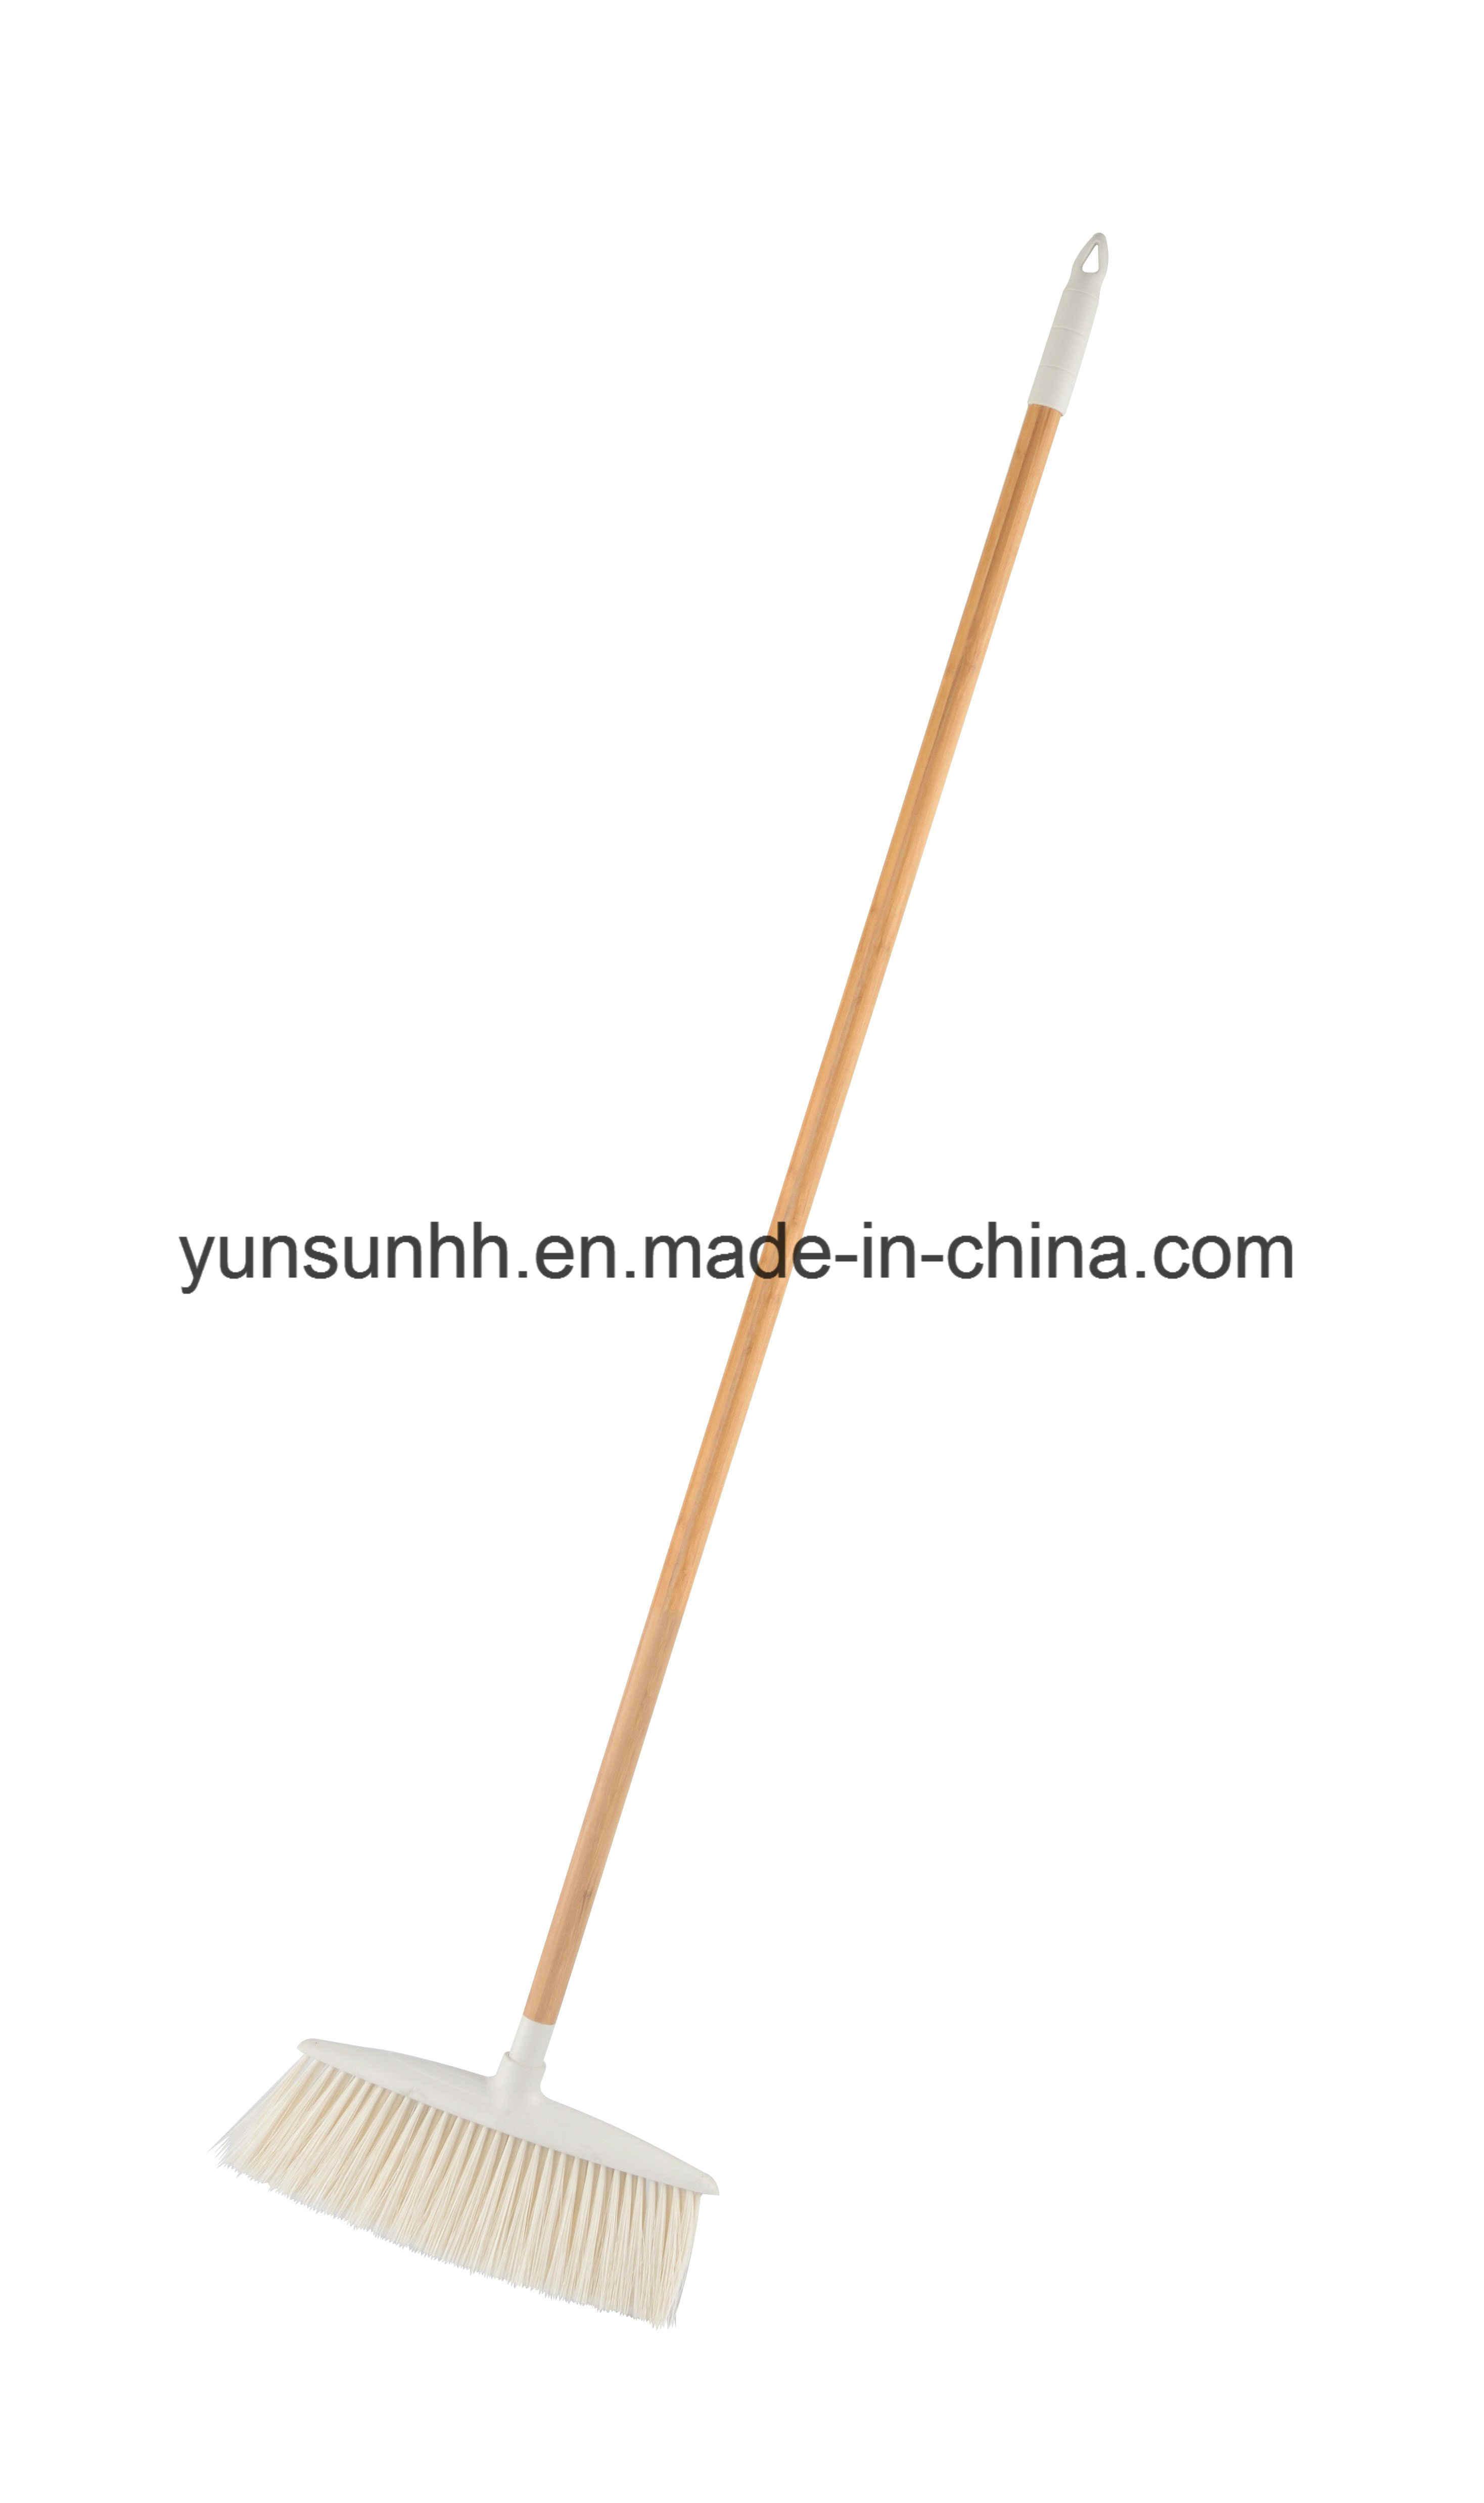 Floor Broom, Brush, Cleaner Tool, Garden Broom